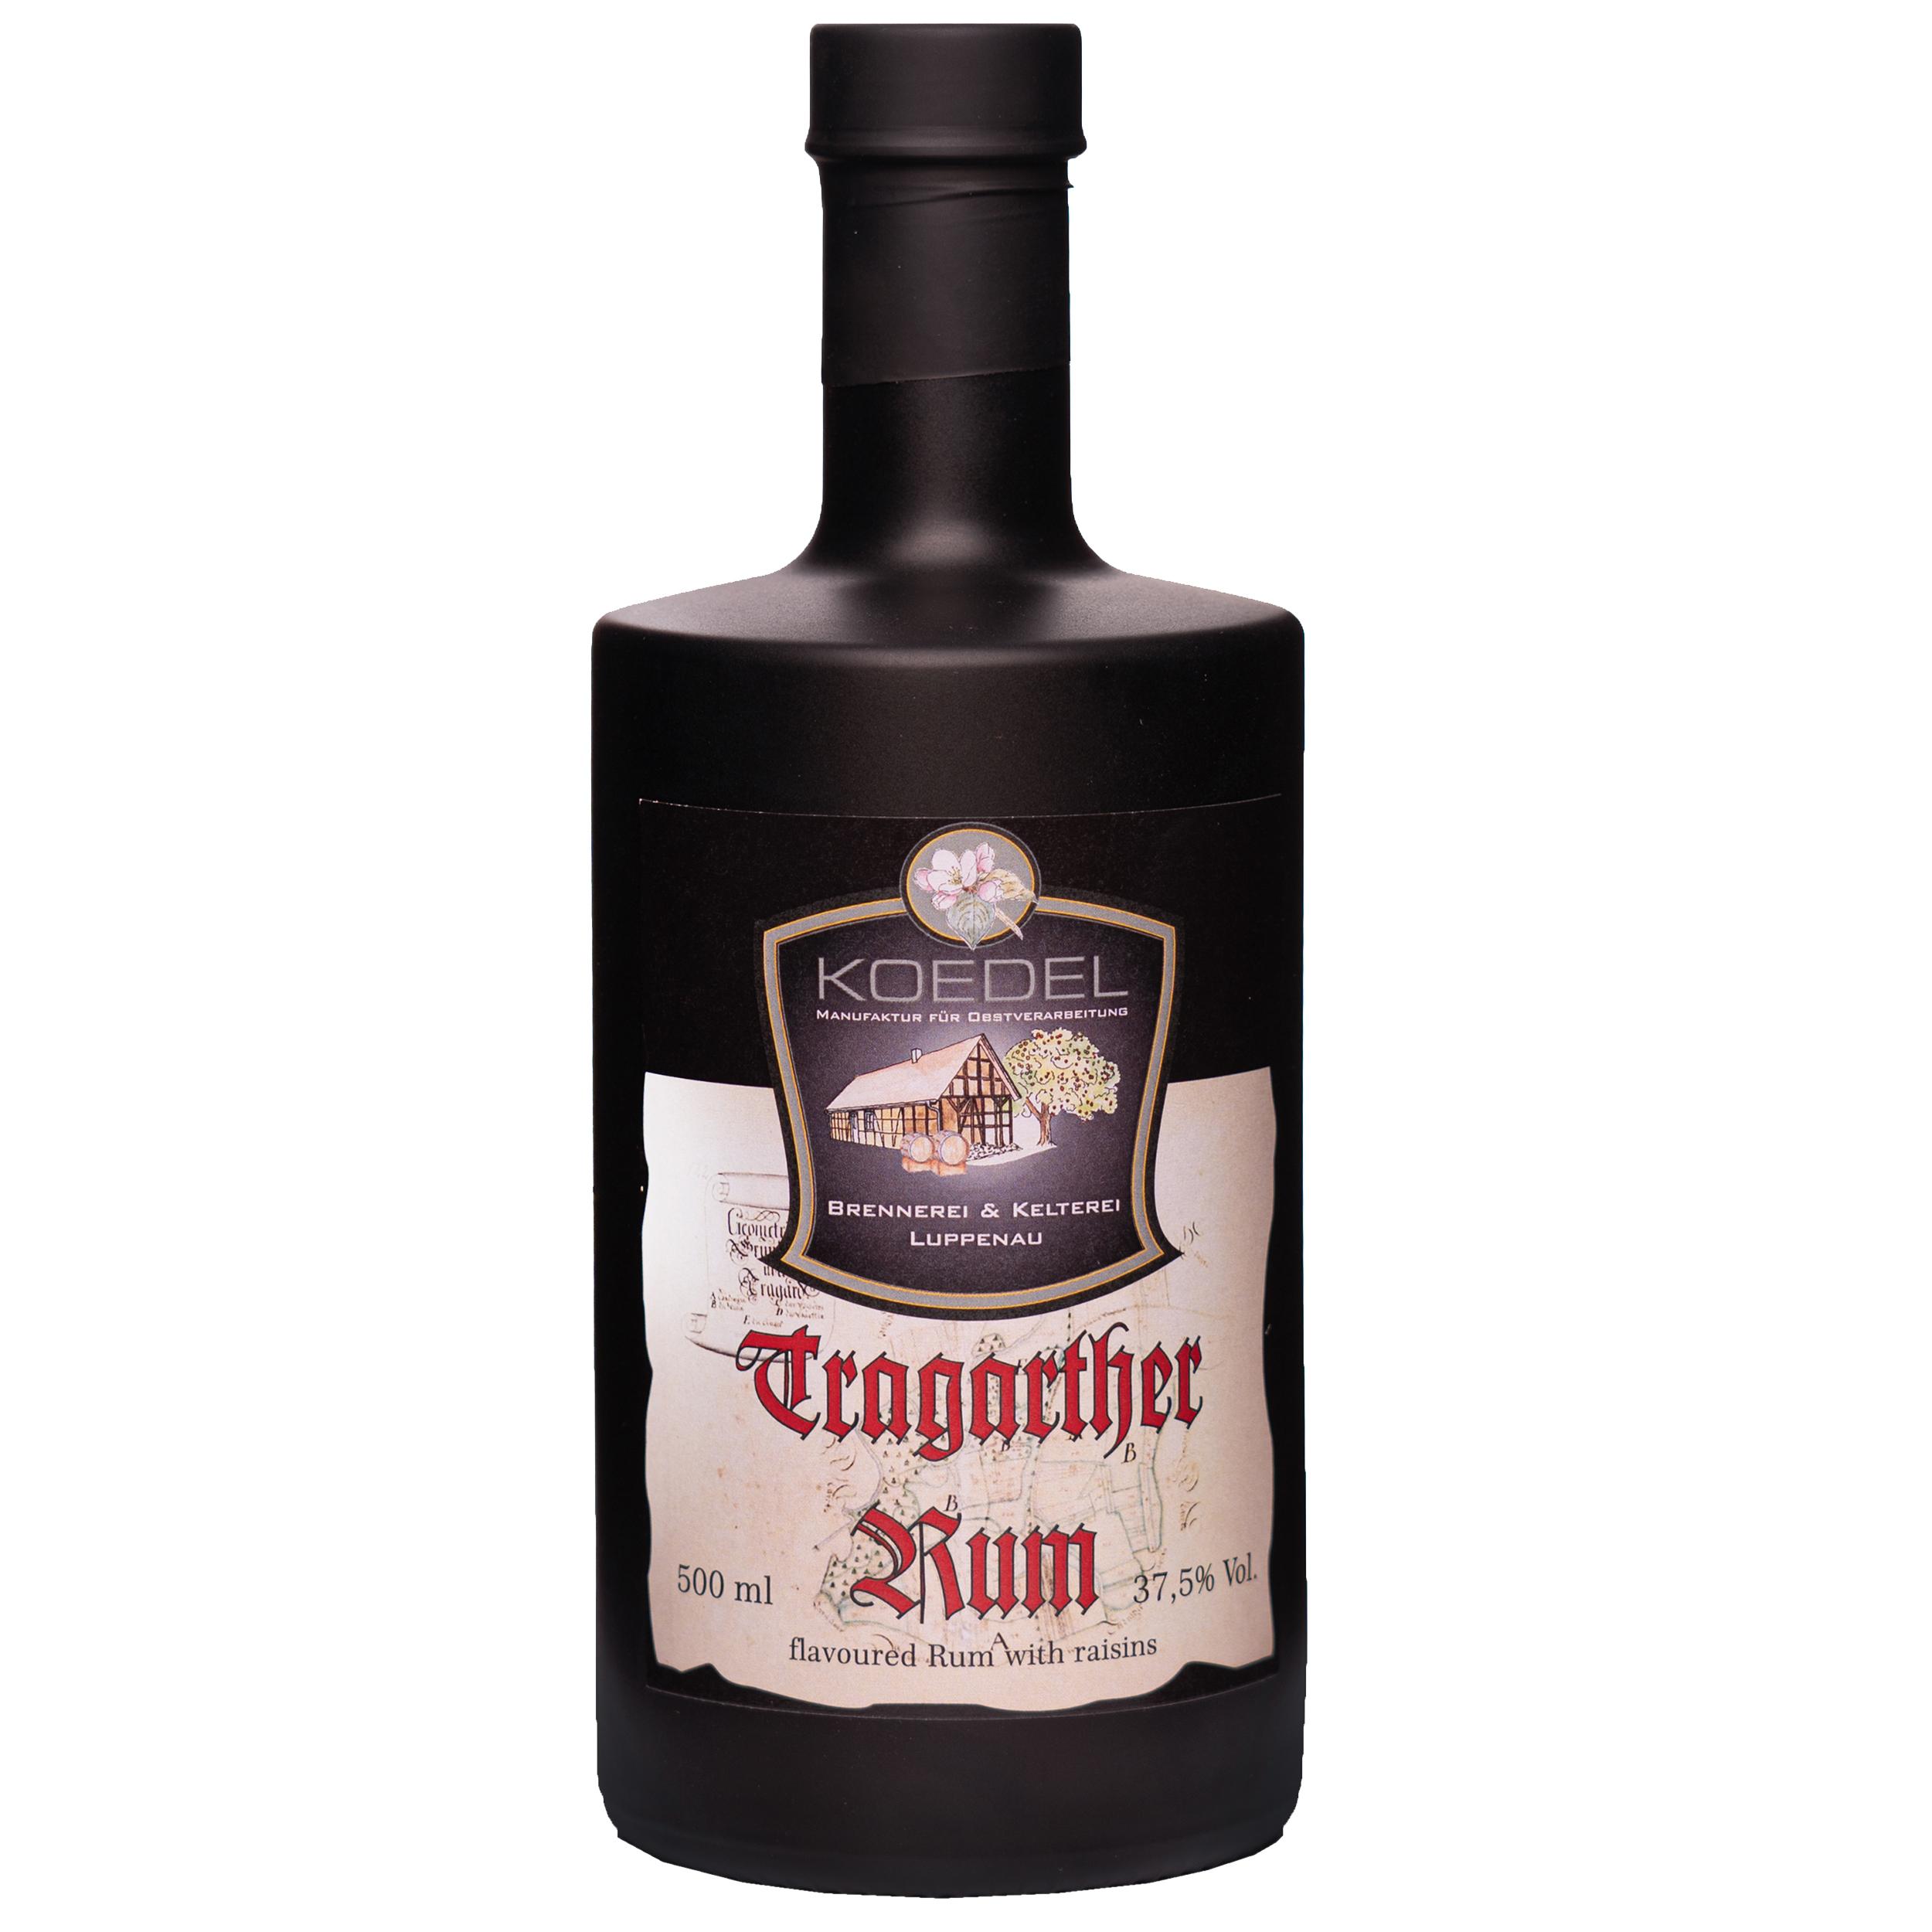 Tragarther Rum, flavoured with raisins 500ml